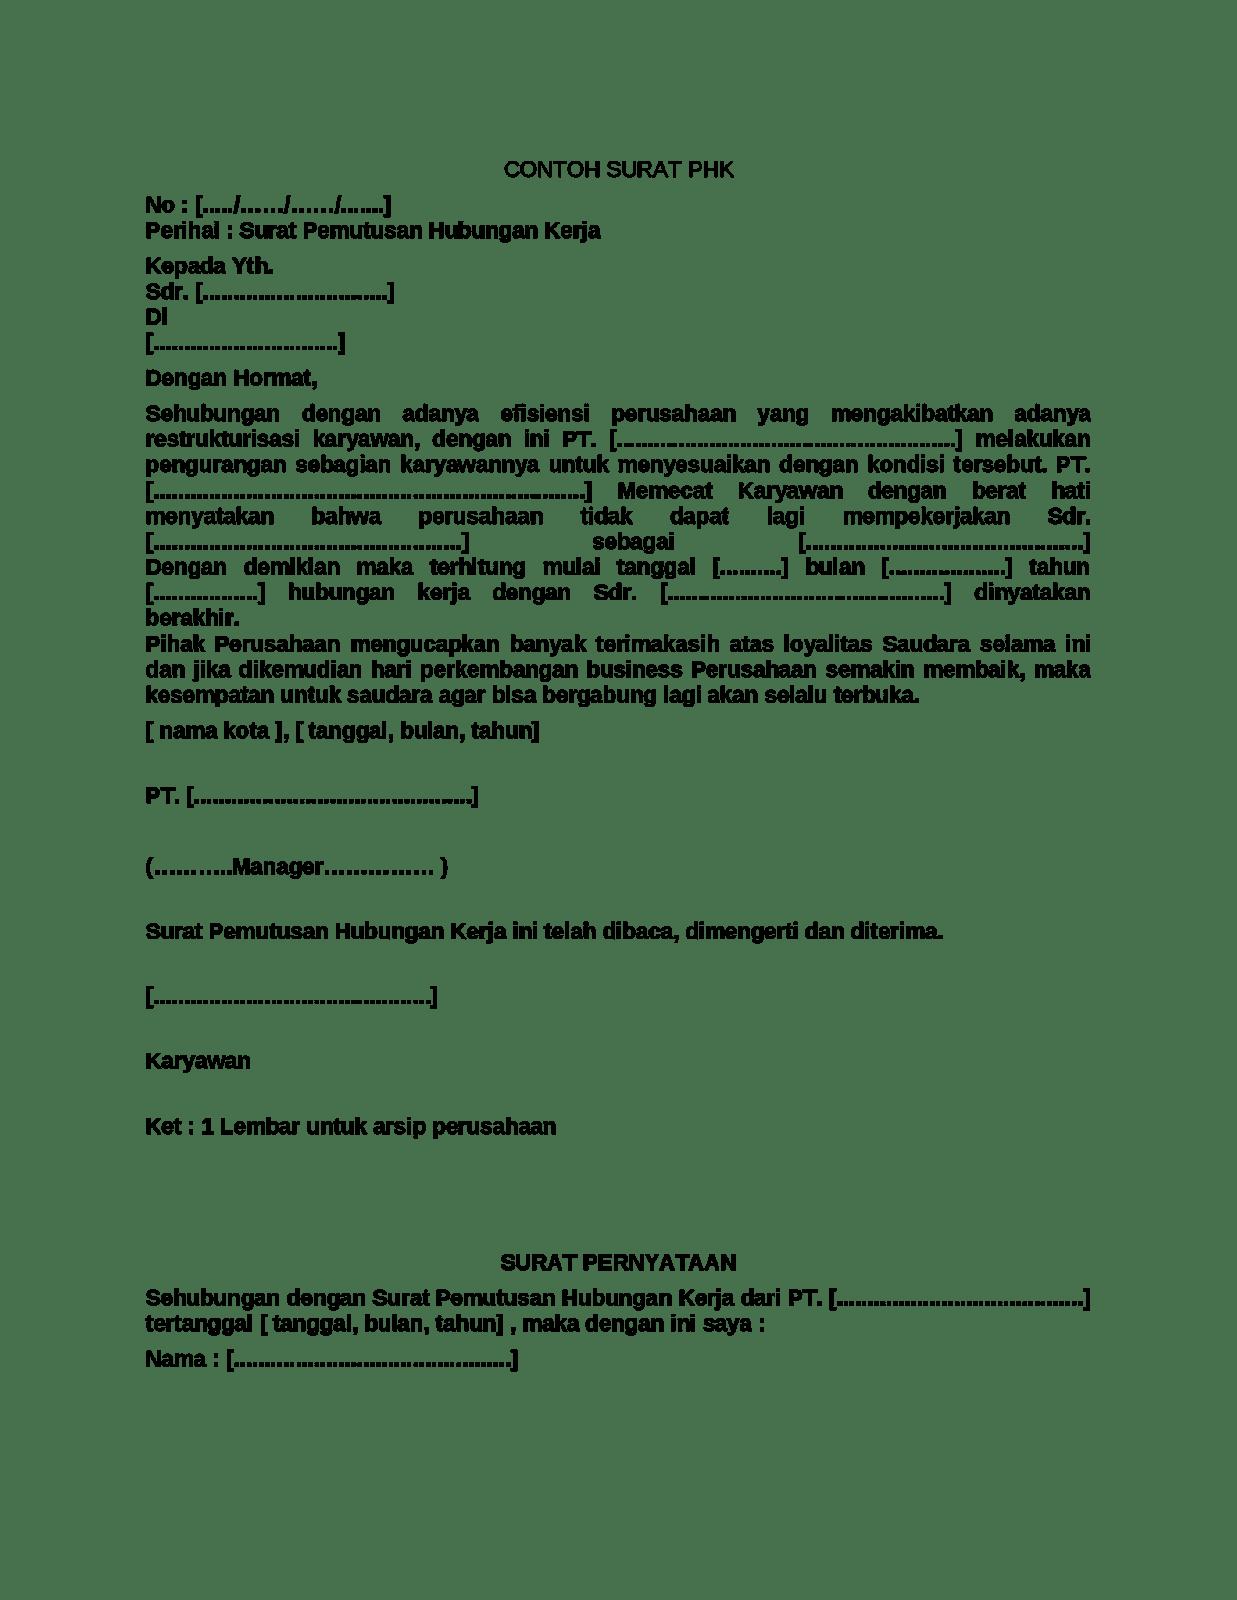 Contoh Surat Pernyataan Putus Hubungan Kerja